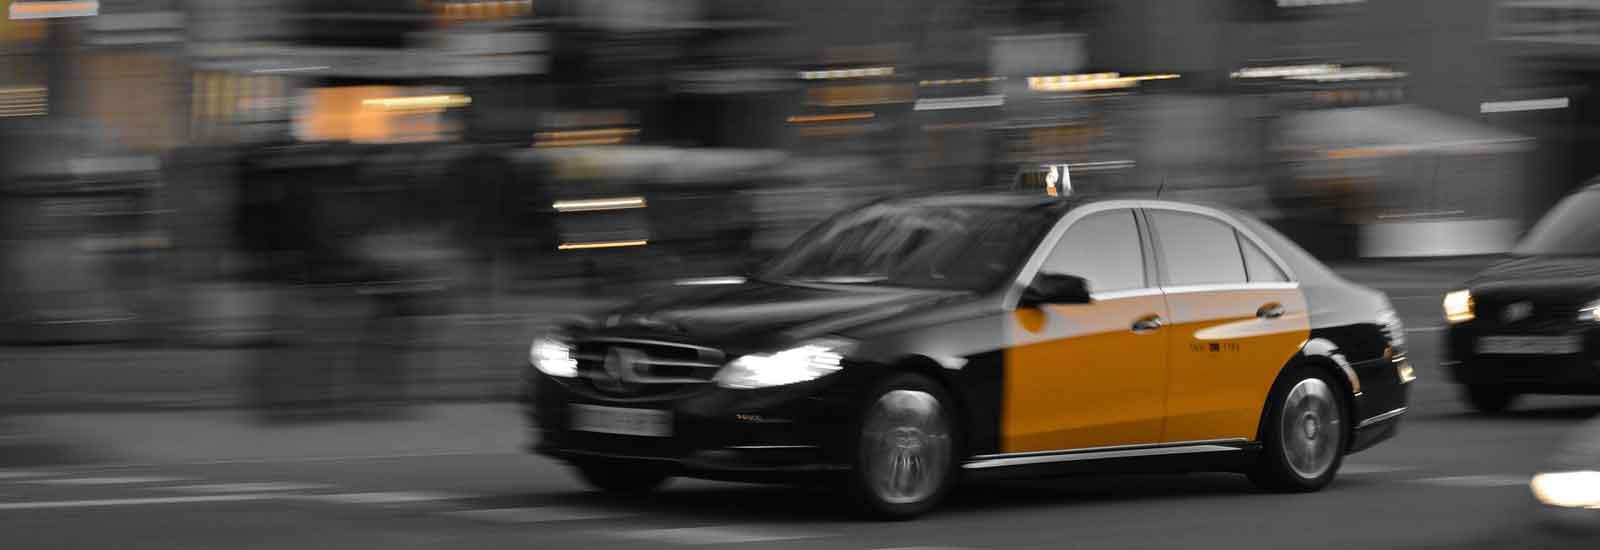 tipps-zum-taxifahren-auf-mallorca-preisuebersicht